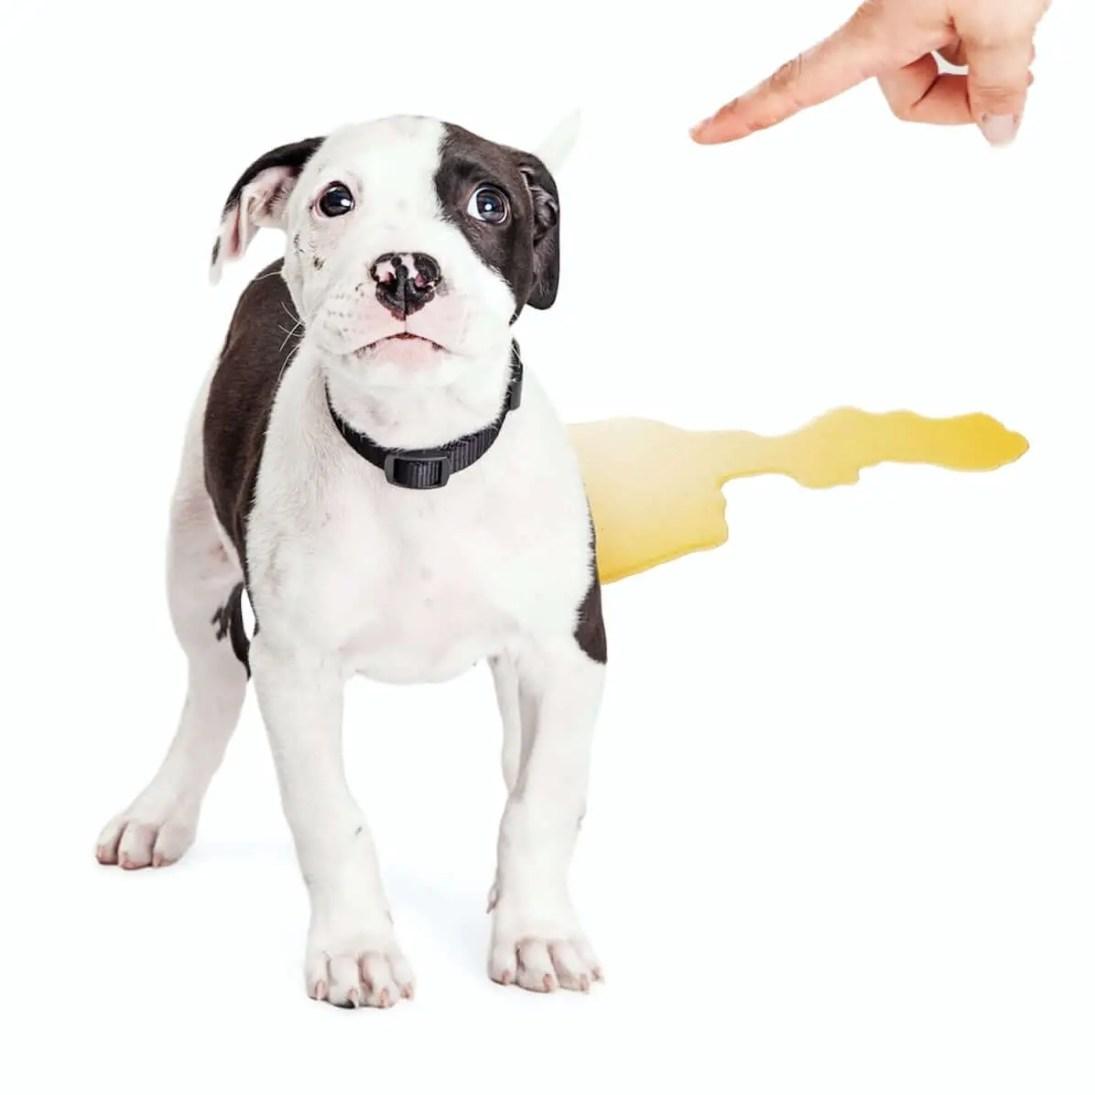 educare e Insegnare al cucciolo di cane a fare pipi e bisogni fuori repellente per cani naturale e fai da te 2